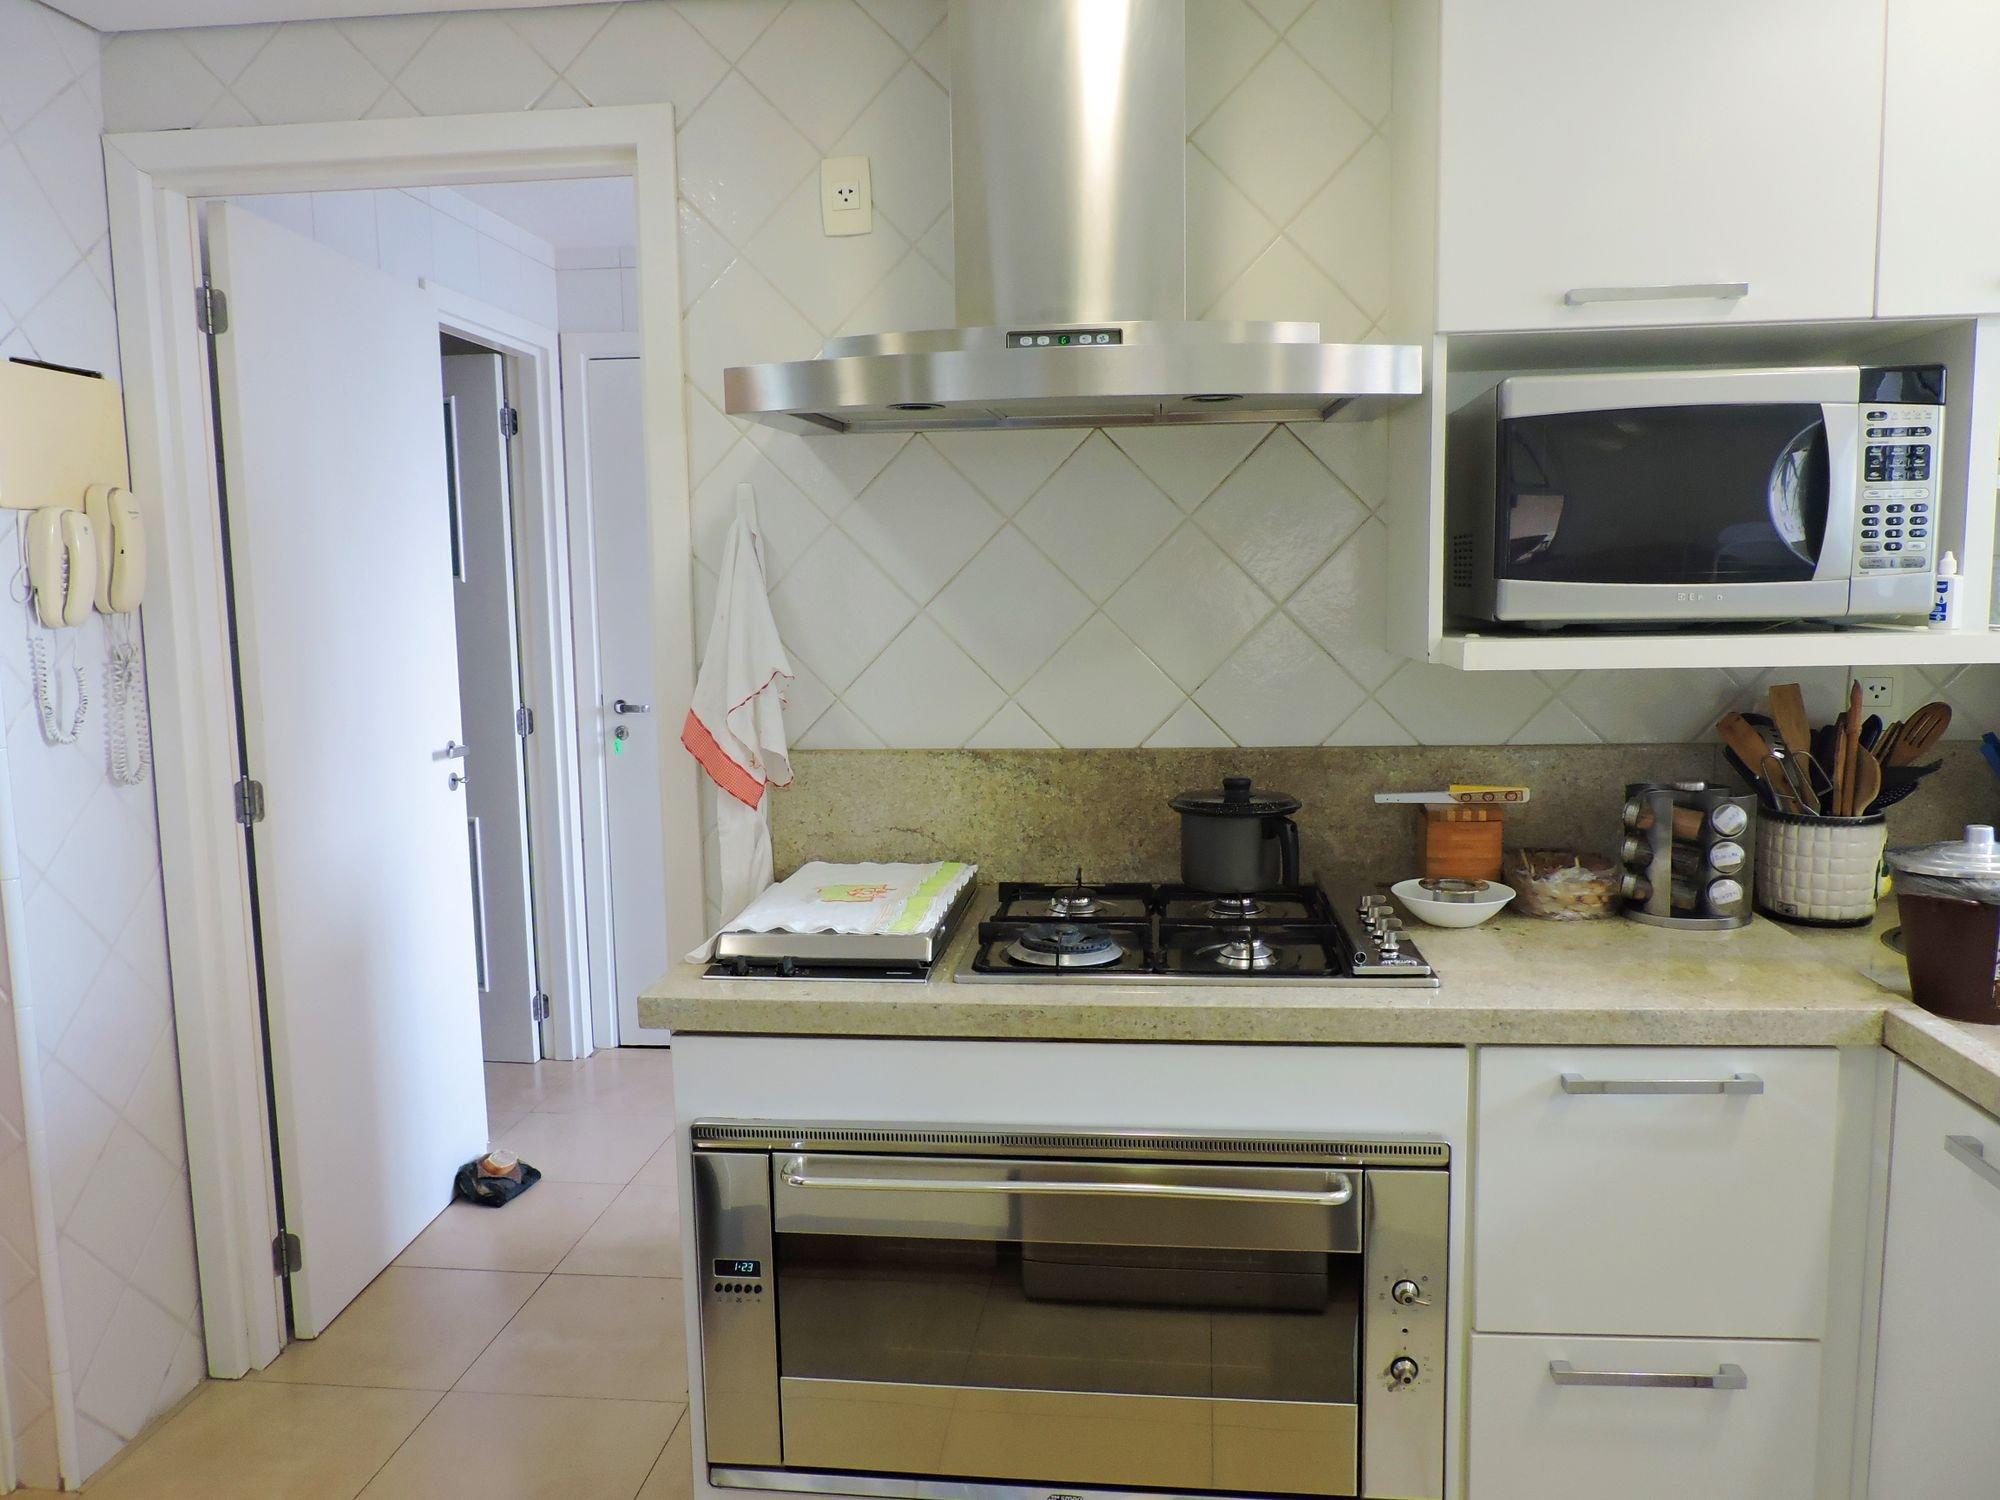 Foto de Cozinha com colher, forno, tigela, microondas